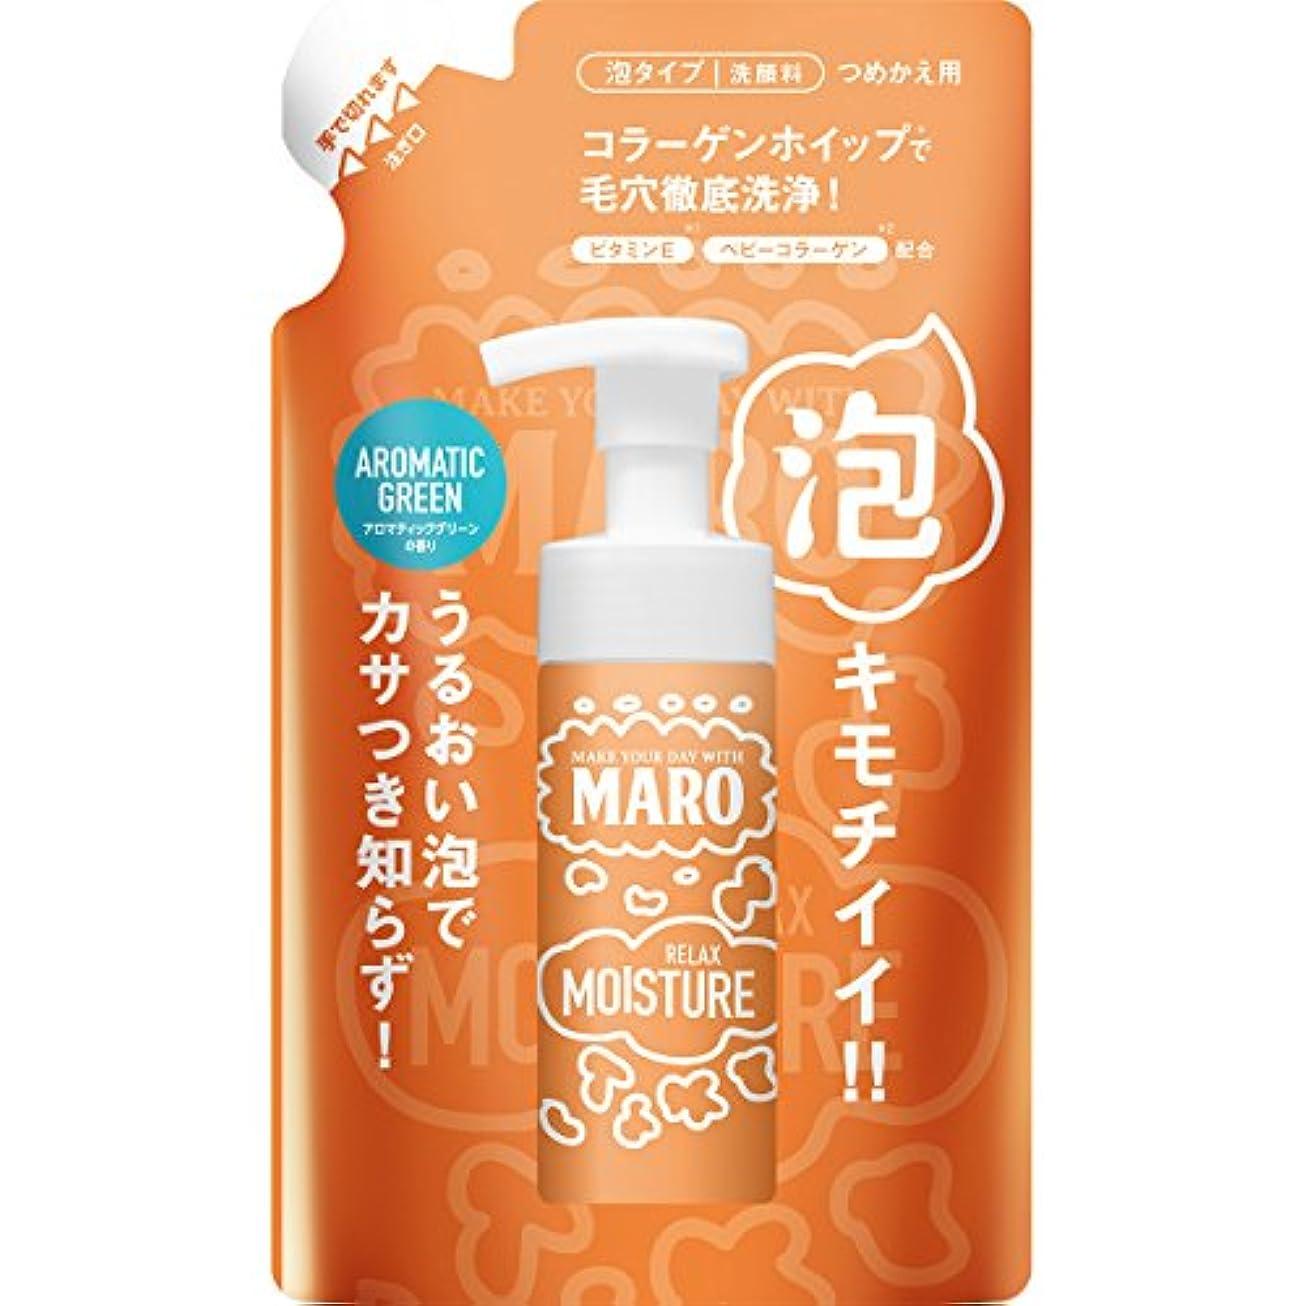 ラフレシアアルノルディインスタンス版MARO グルーヴィー 泡洗顔 詰め替え リラックスモイスチャー 130ml